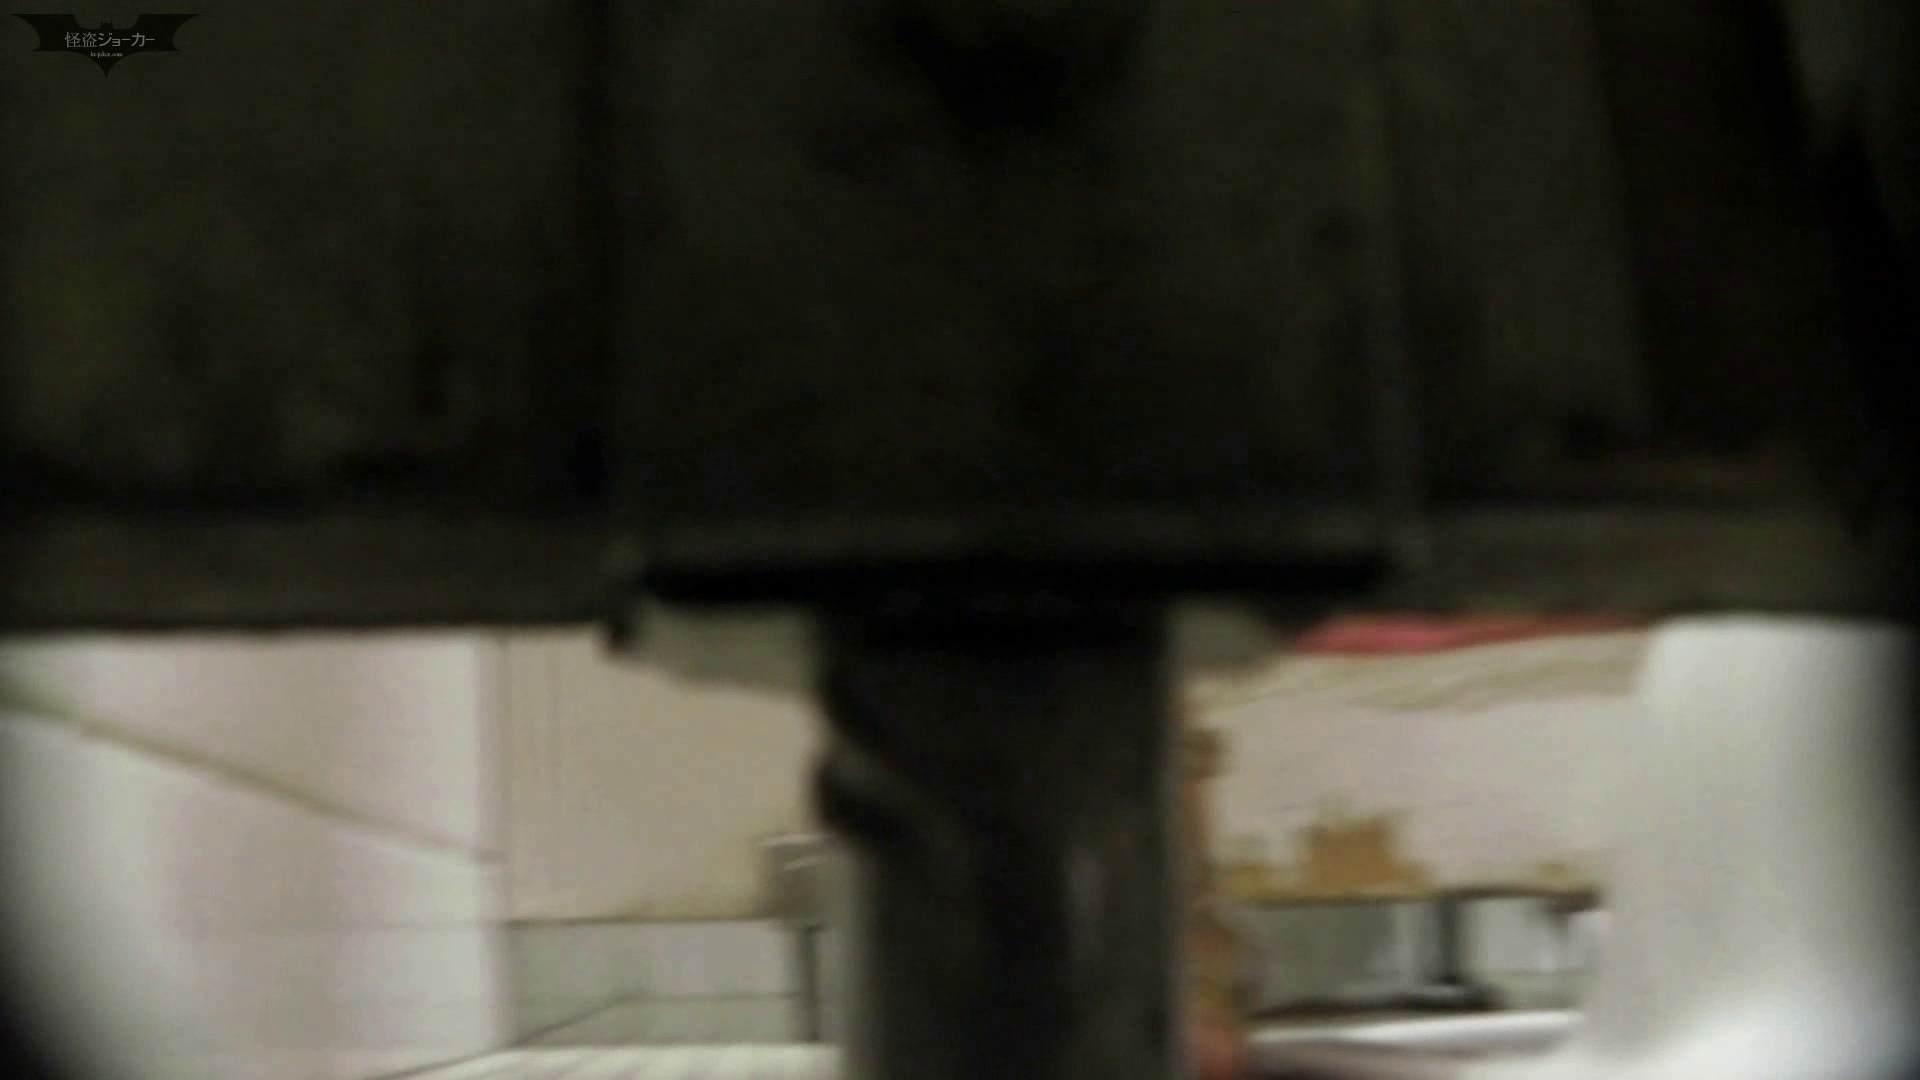 無修正エロ動画|洗面所特攻隊 vol.67 シリーズ一番のギャップ?|怪盗ジョーカー